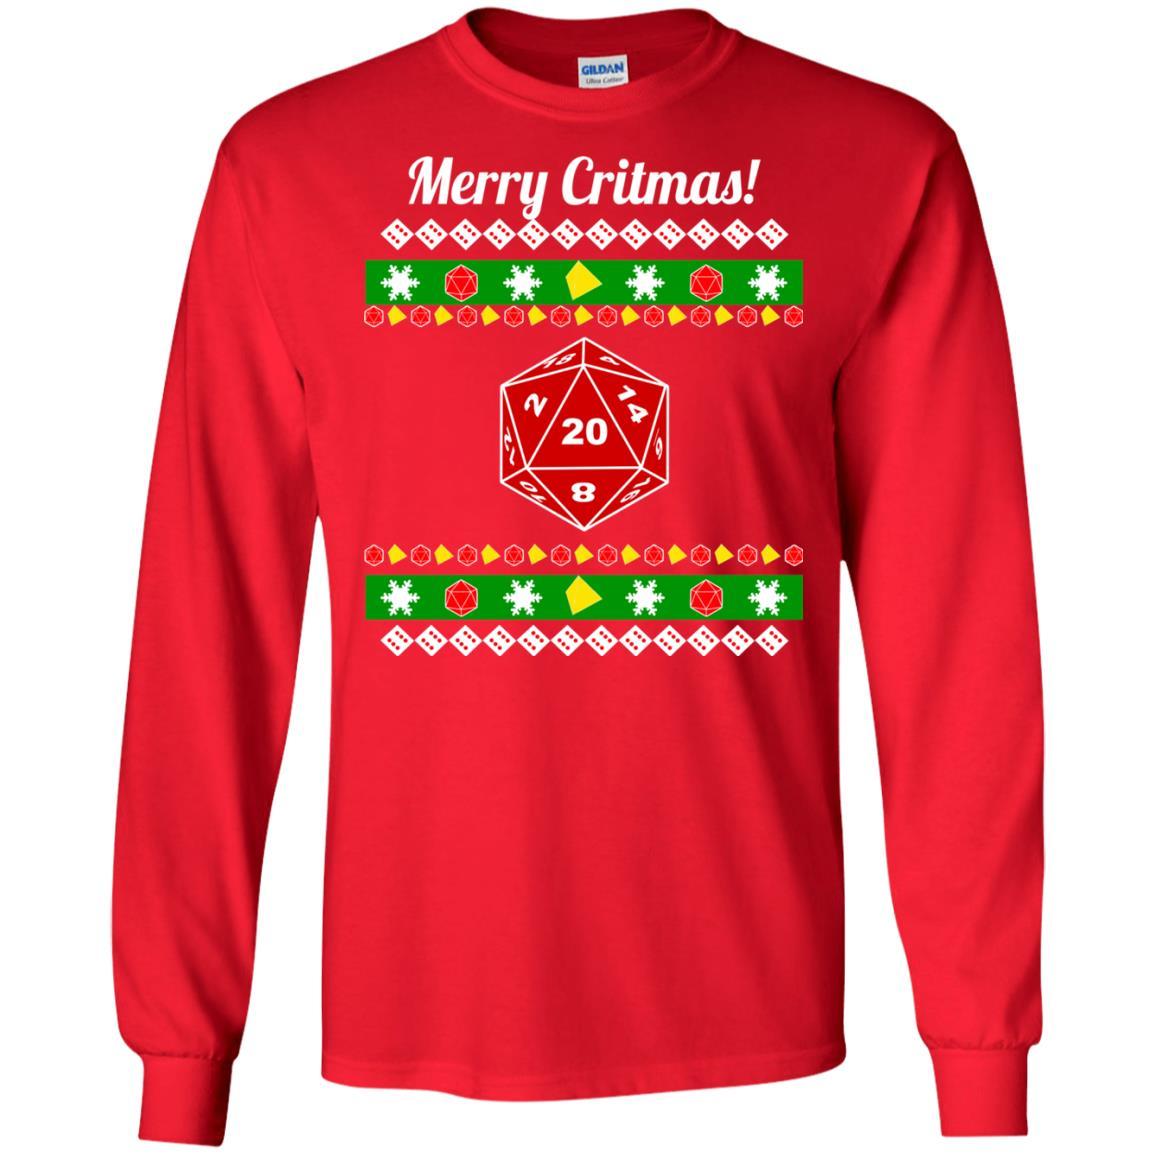 image 2205 - Merry Critmas Christmas ugly Sweatshirts, Long Sleeve